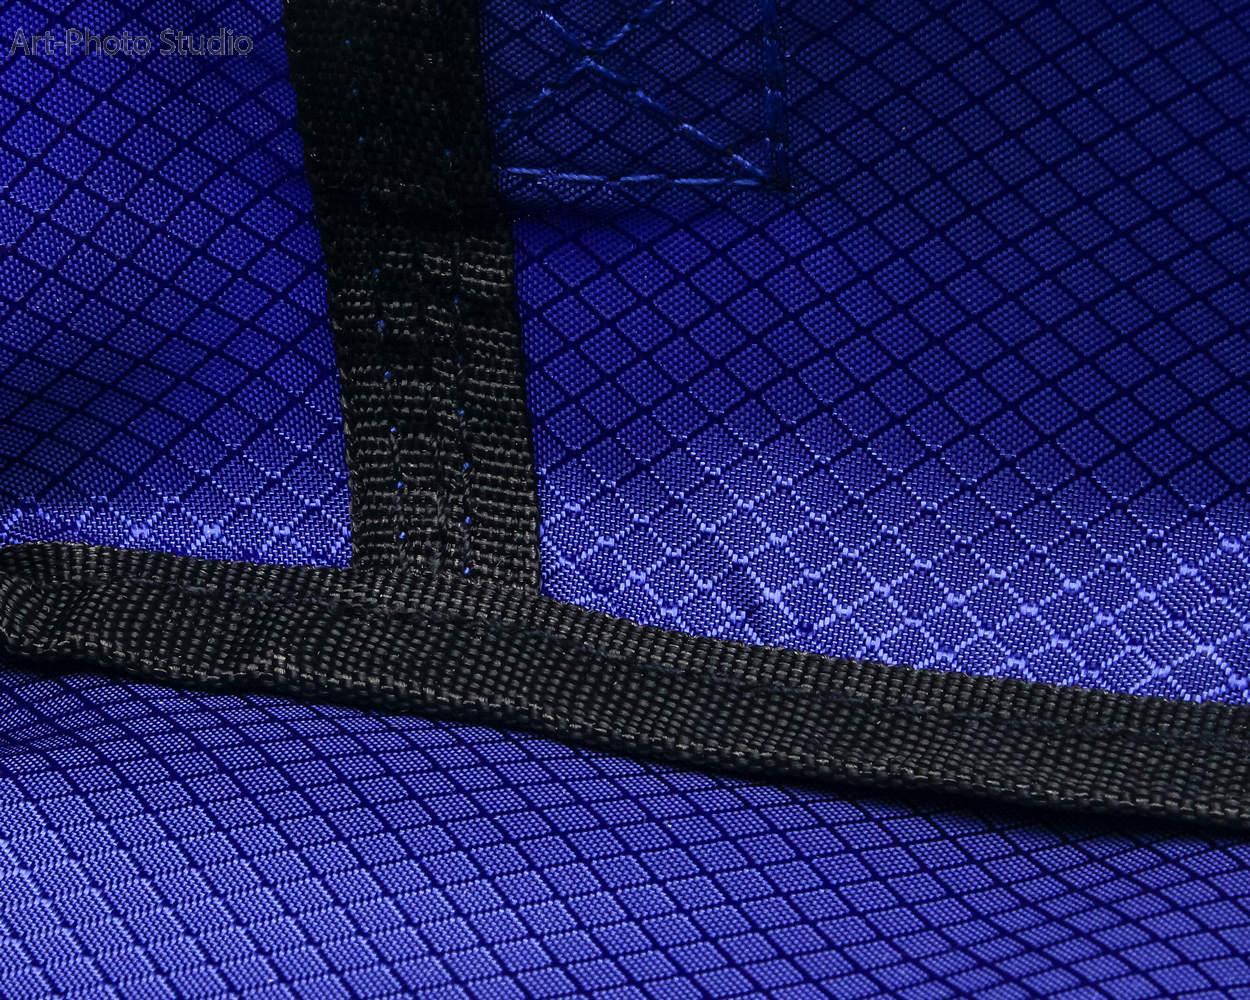 предметная съемка упаковочных кубов (Packing Cubes) для каталога интернет-магазина Amazon